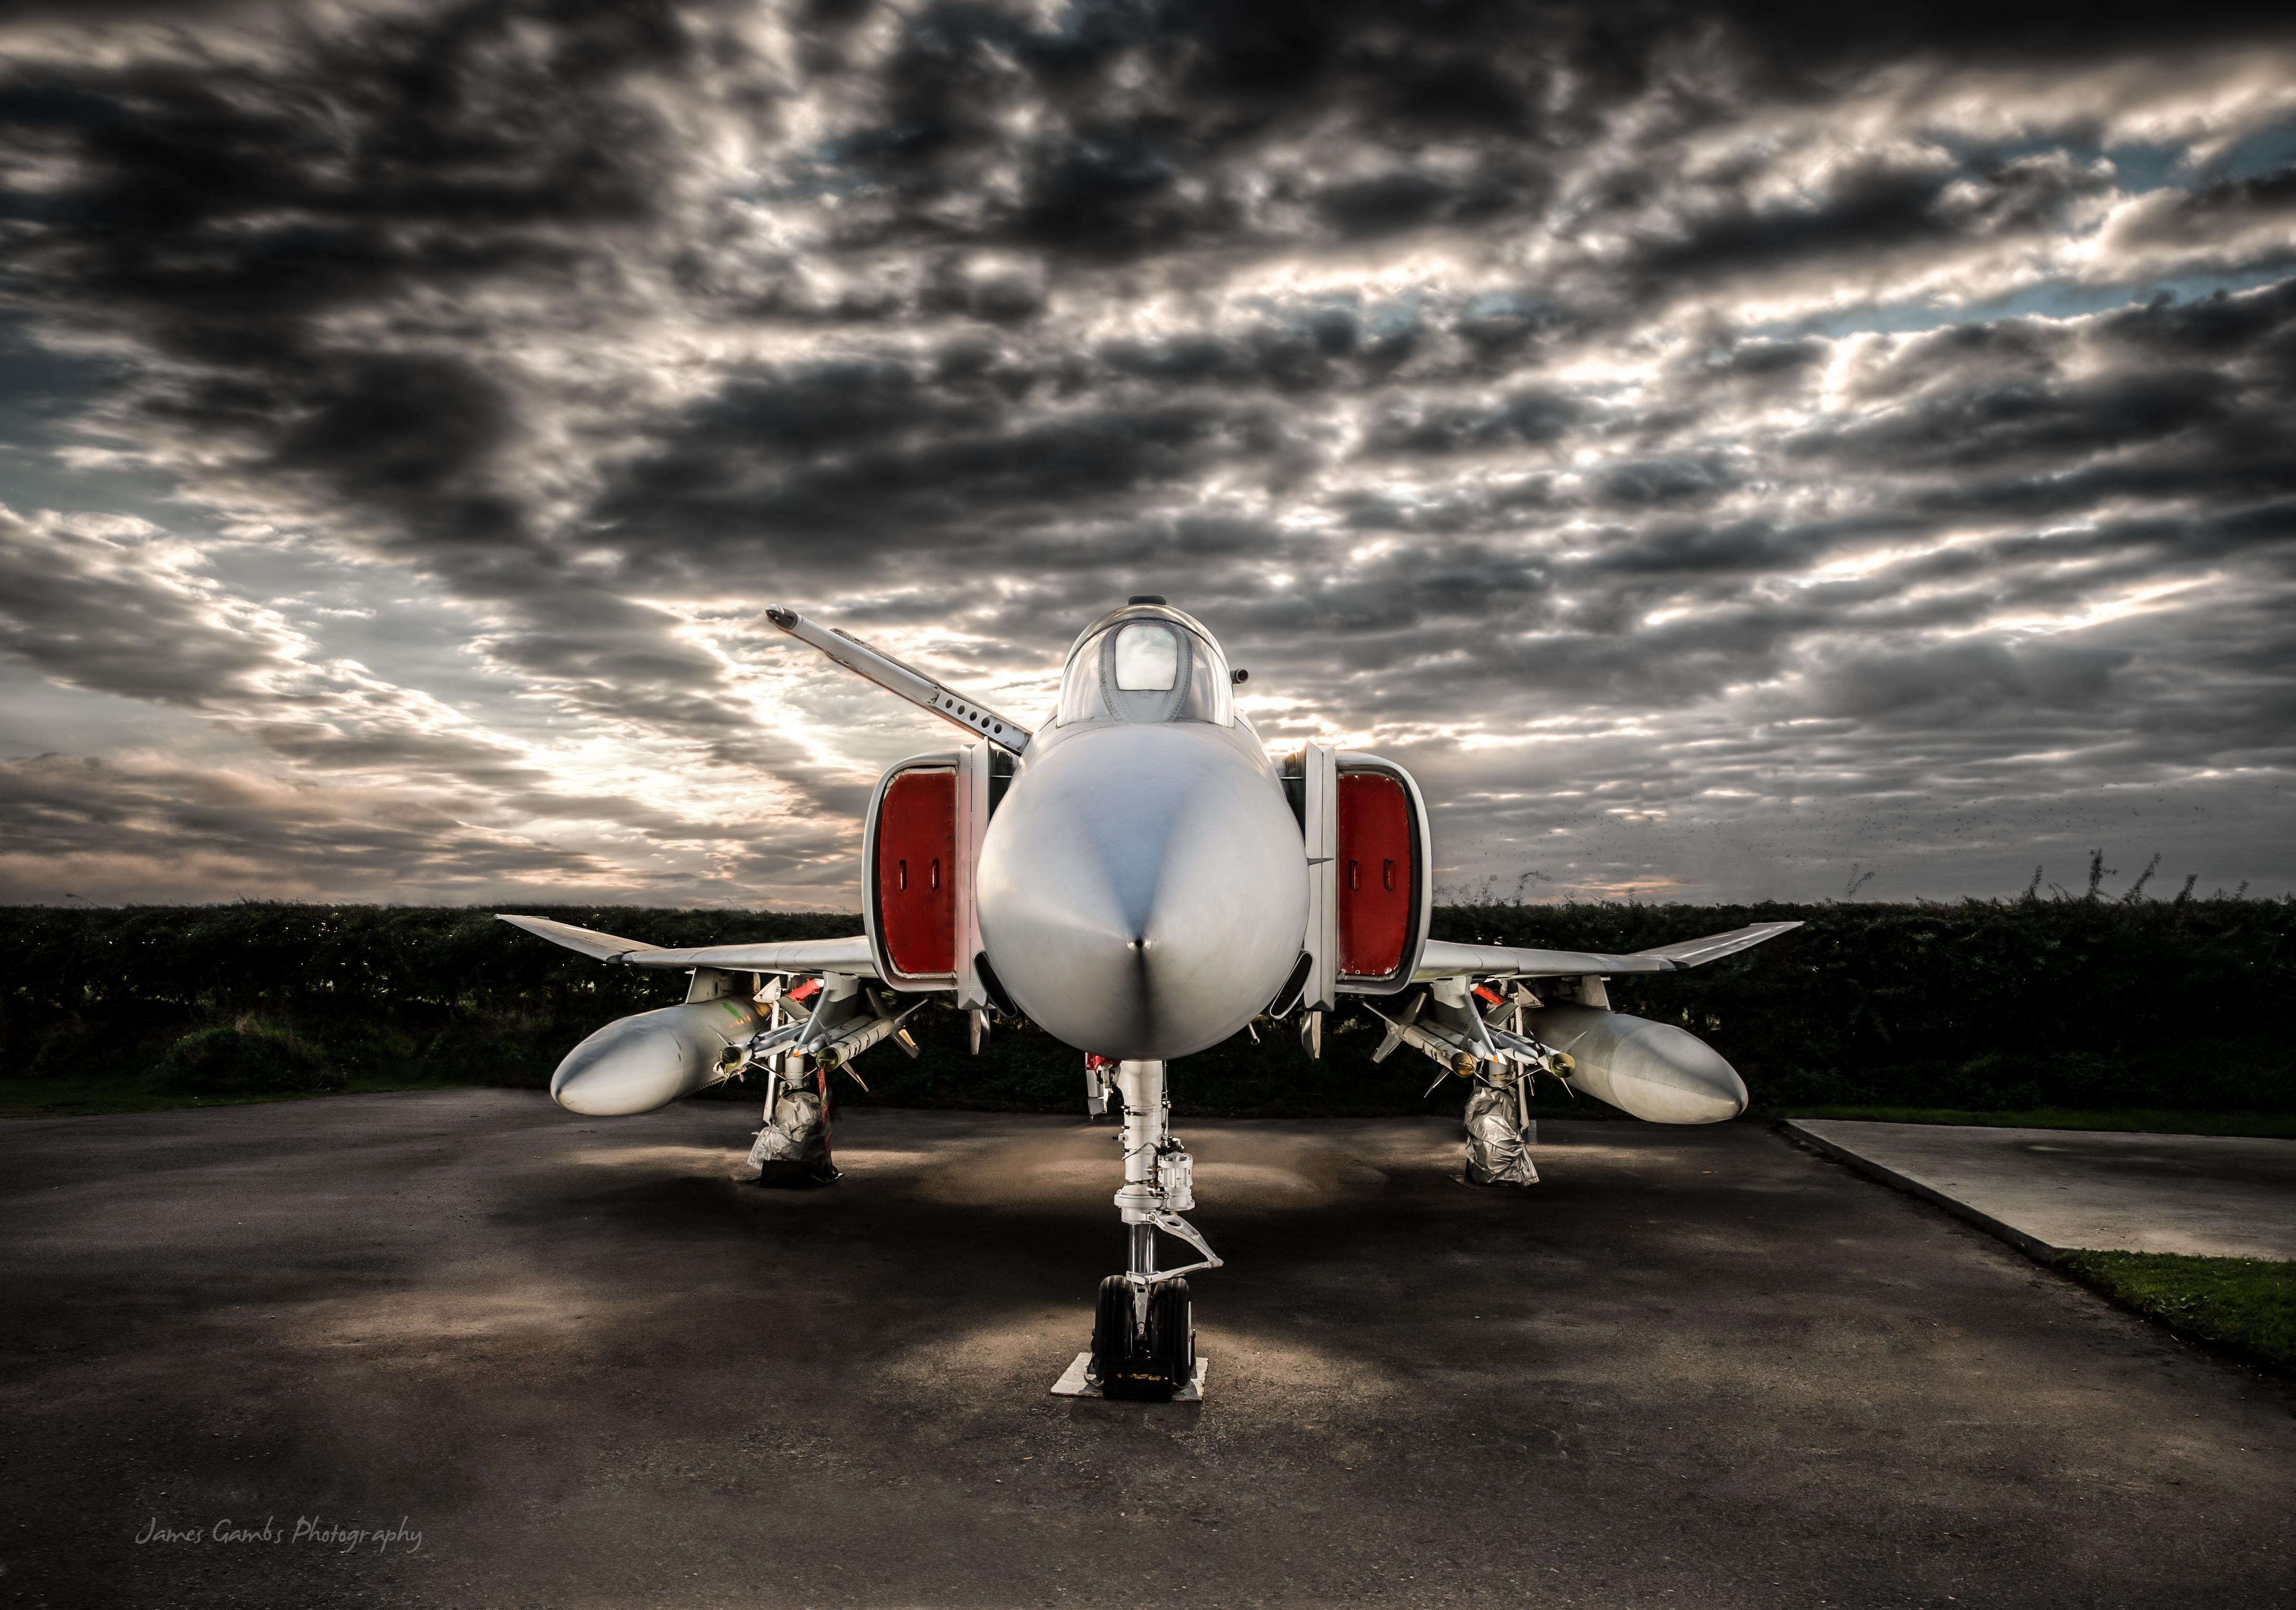 Aviation / Marine Photography